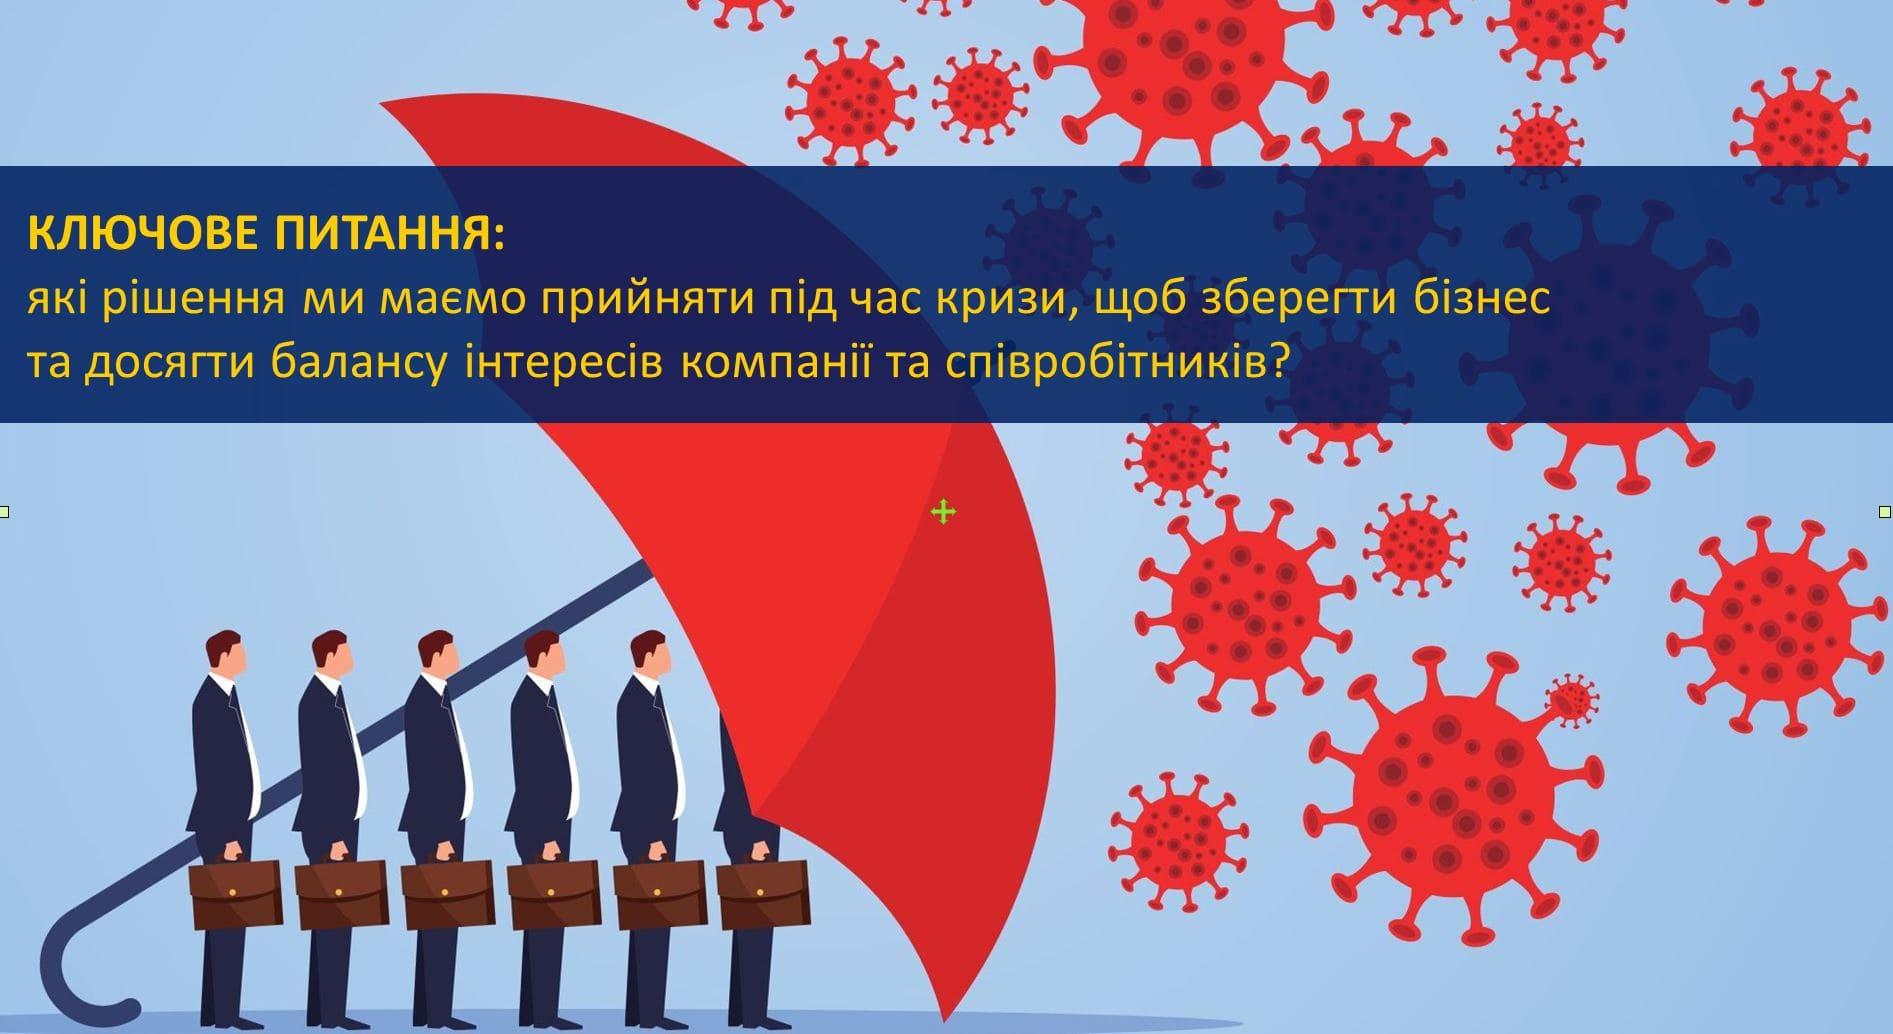 Баланс інтересів бізнесу та співробітників. HR2B. Онлайн-воркшоп